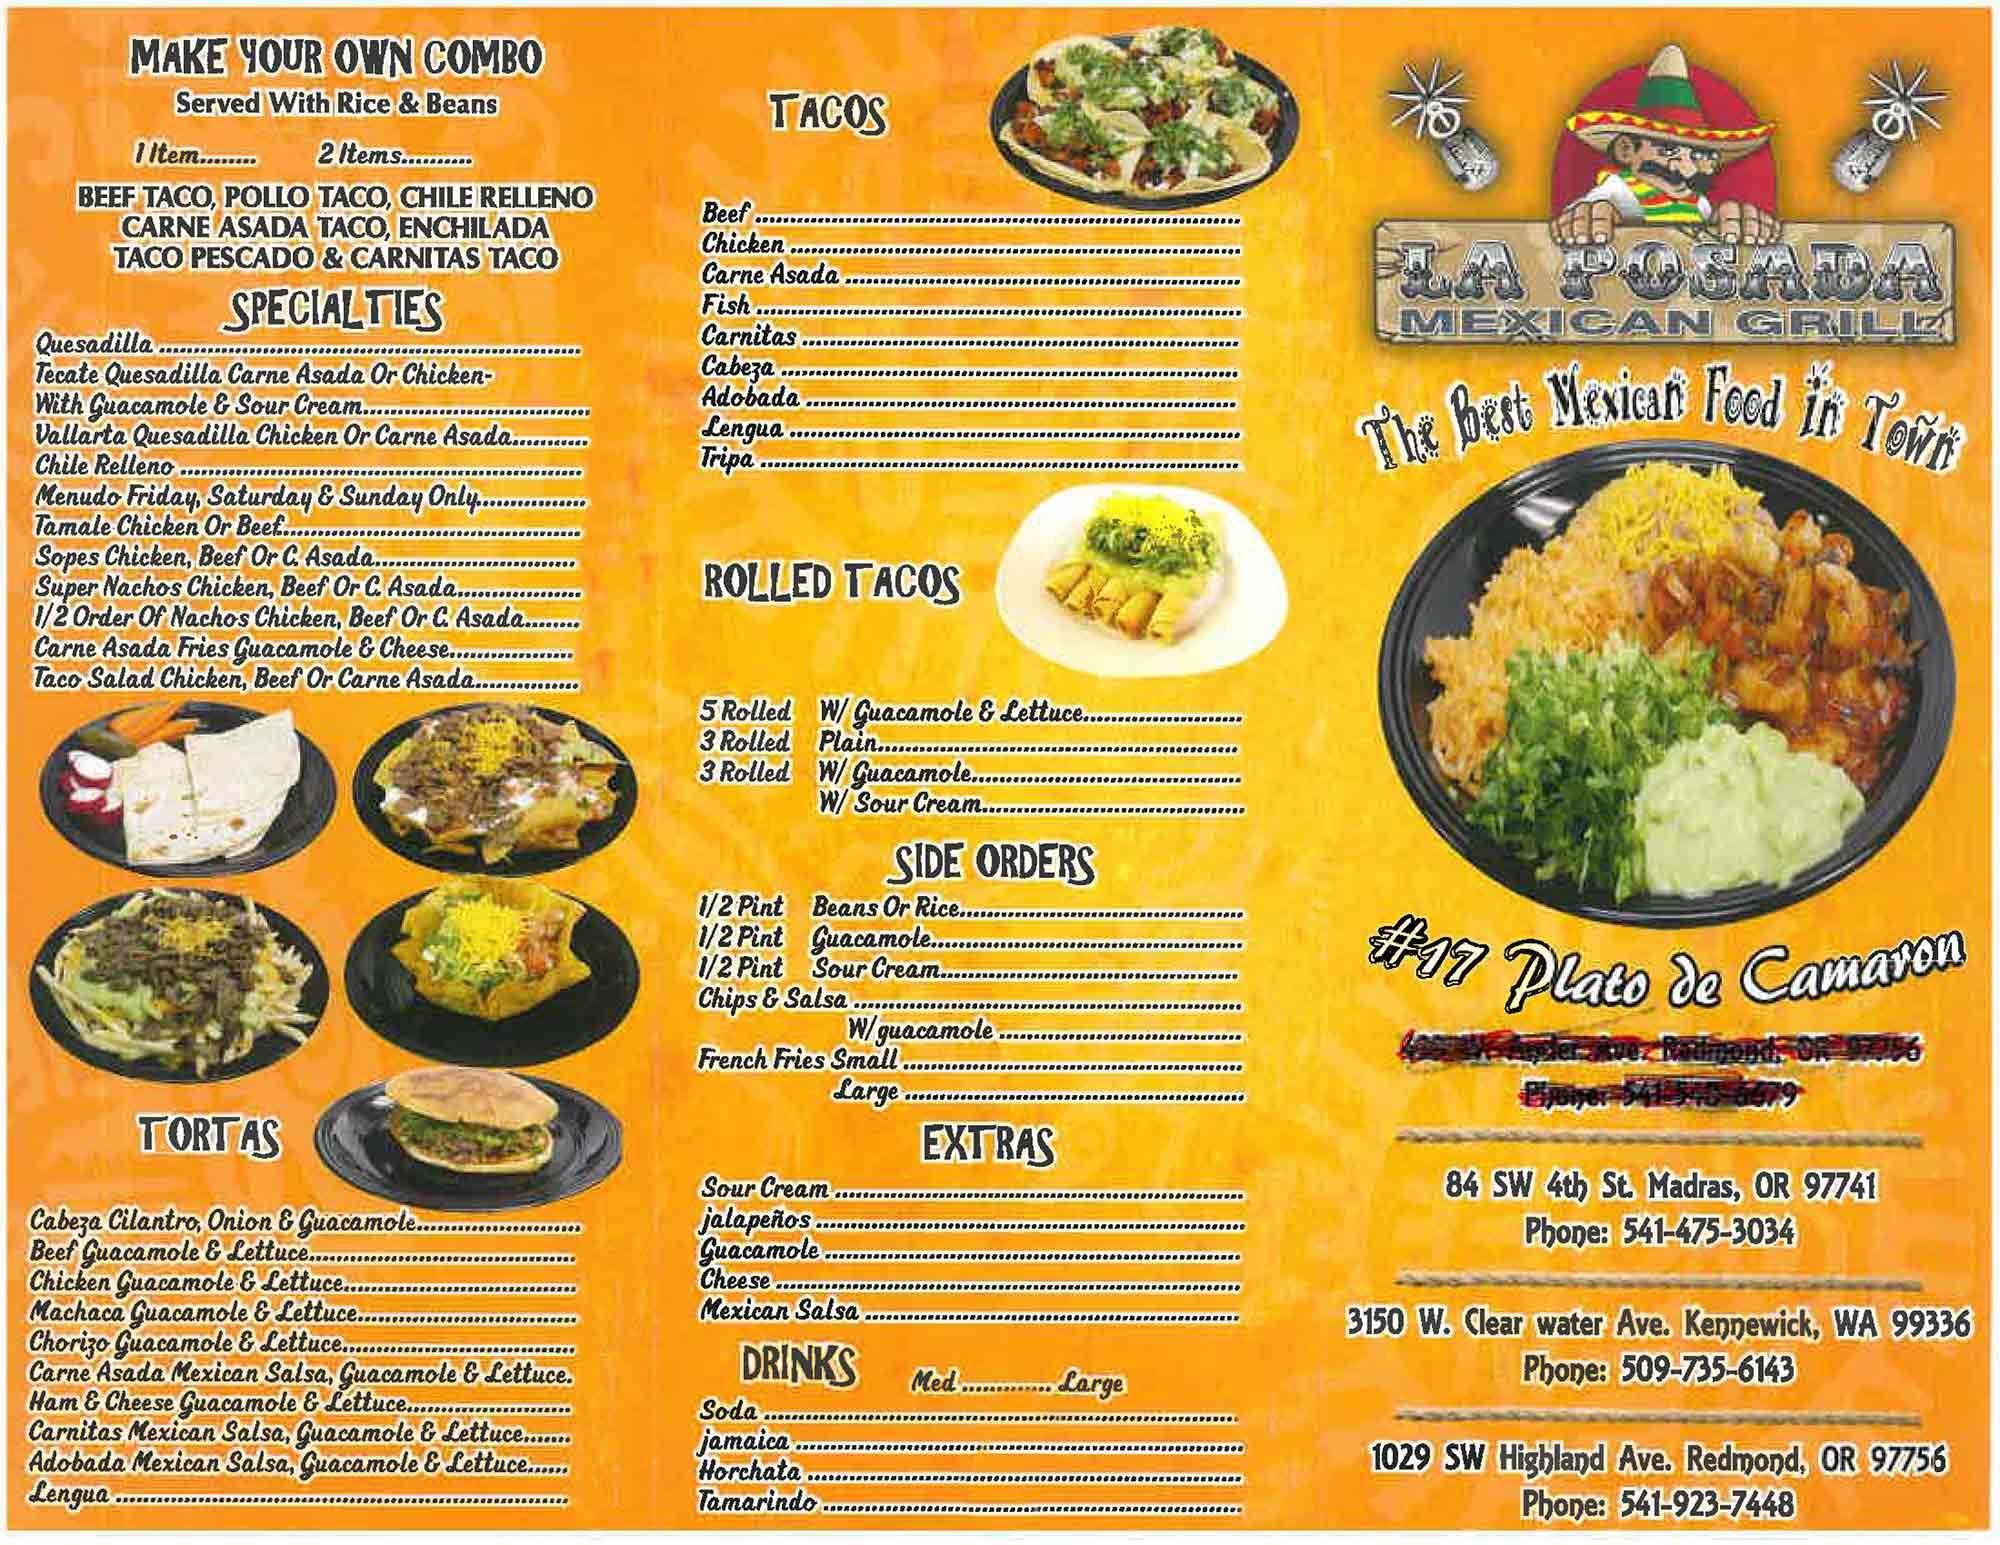 La Posada Mexican Grill image 10